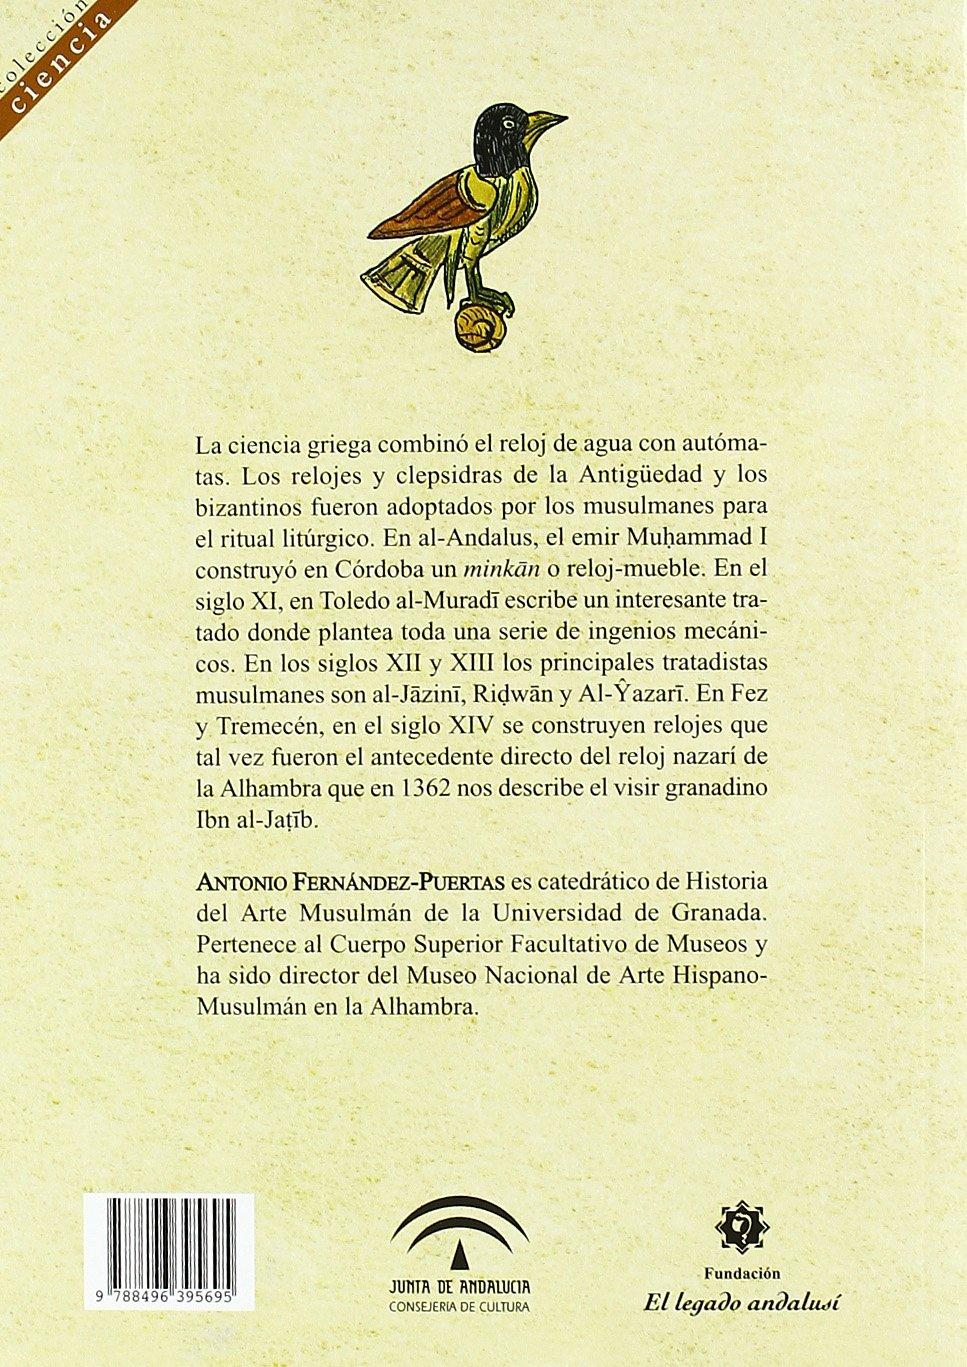 CLEPSIDRAS Y RELOJES MUSULMANES: ANTONIO FERNANDEZ PUERTAS: 9788496395695: Amazon.com: Books